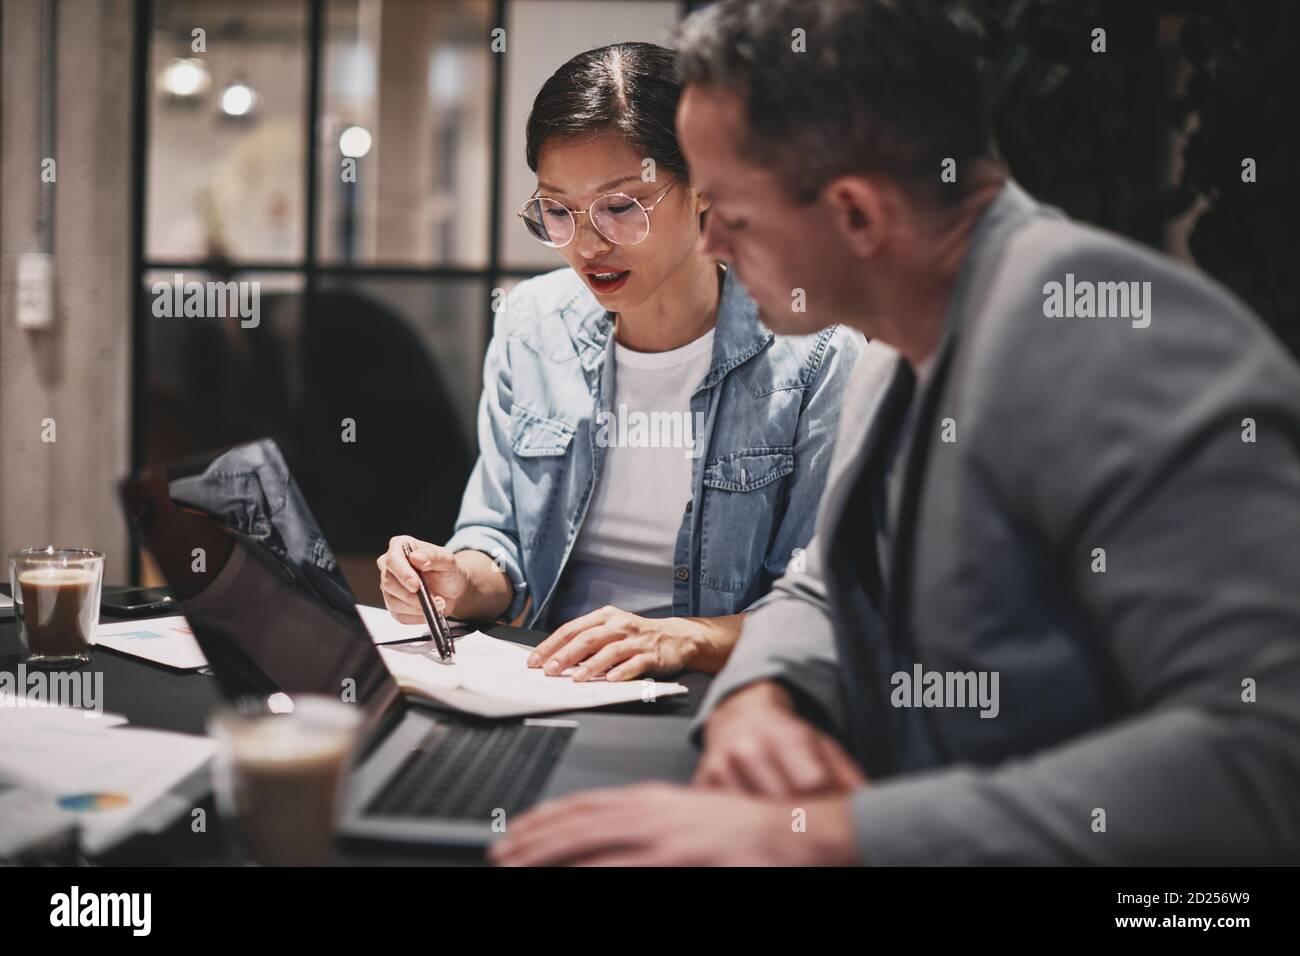 Deux hommes d'affaires divers qui travaillent ensemble sur des documents administratifs une table dans un bureau Banque D'Images